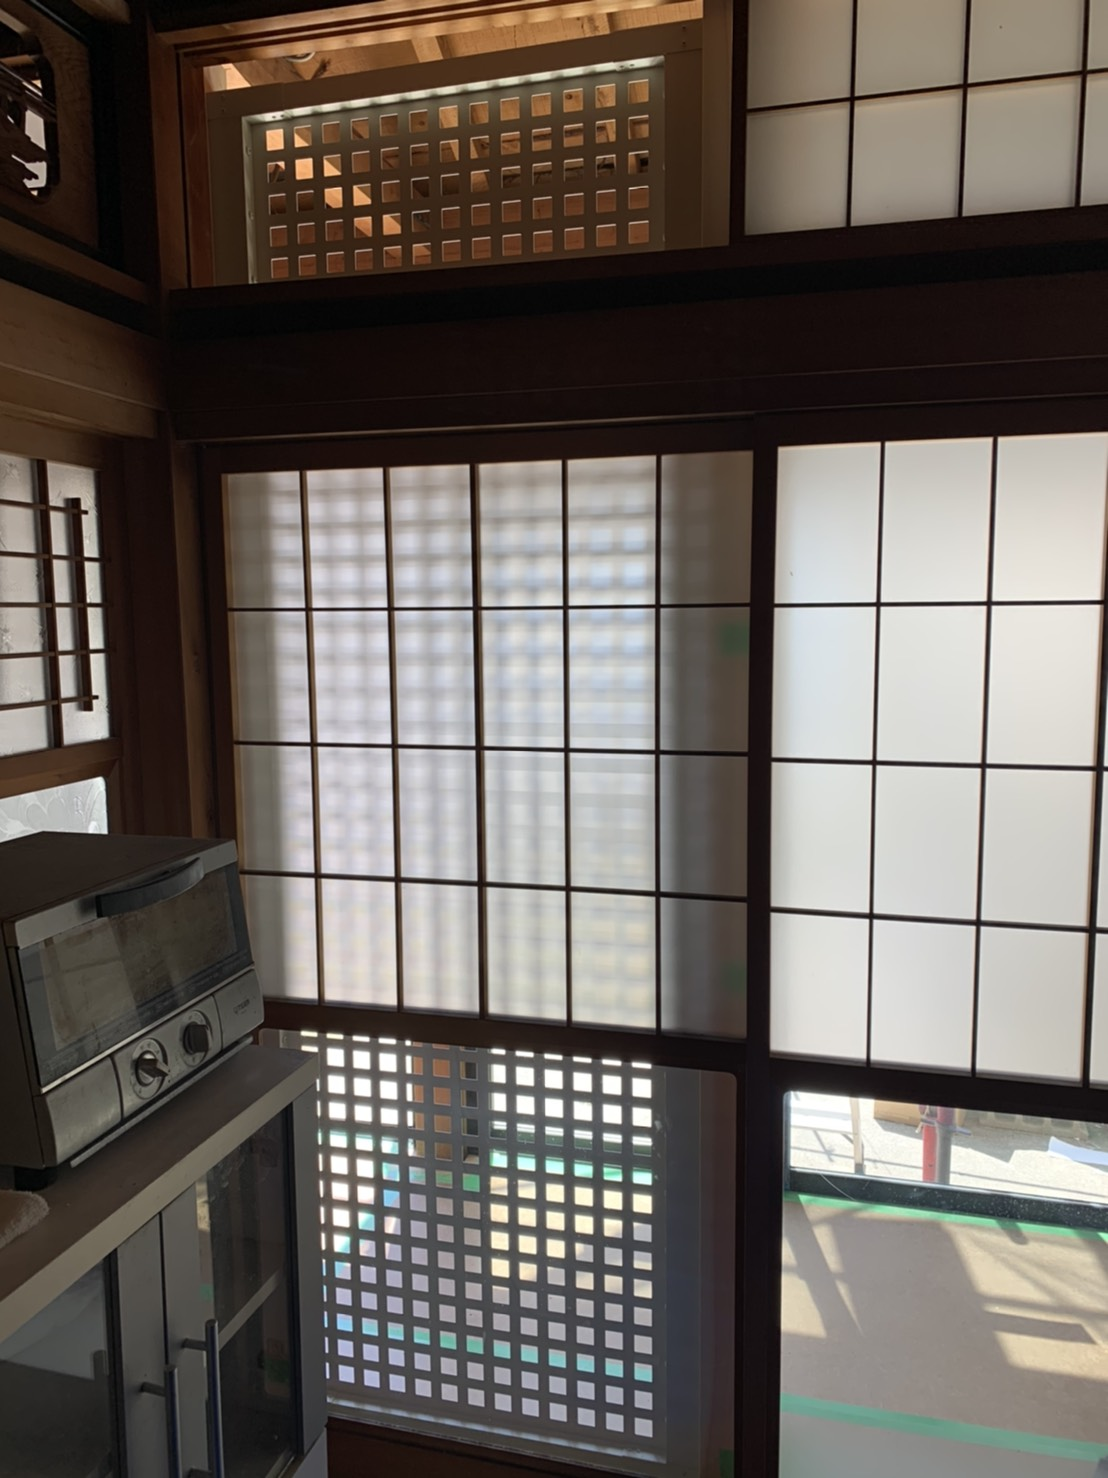 愛知県豊明市 LIXIL 耐力壁面材パンチくん 壁の耐久性向上工事2020/04/26